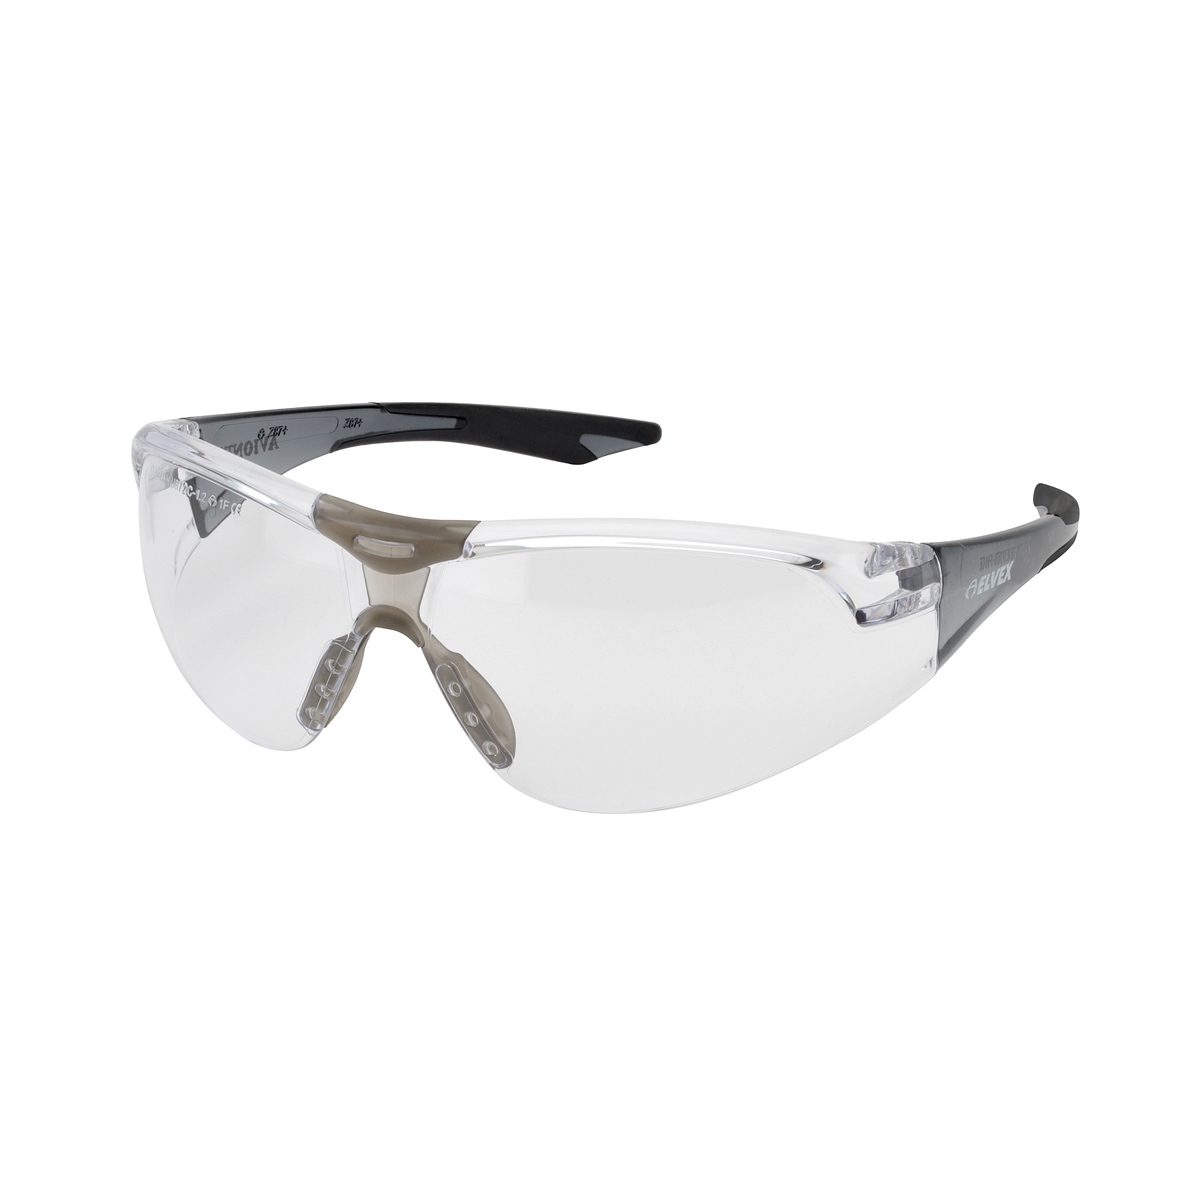 Black Frame Glasses Singapore : Elvex SG-18C-AF-Slim-BLK Avion Safety Glasses - Black ...